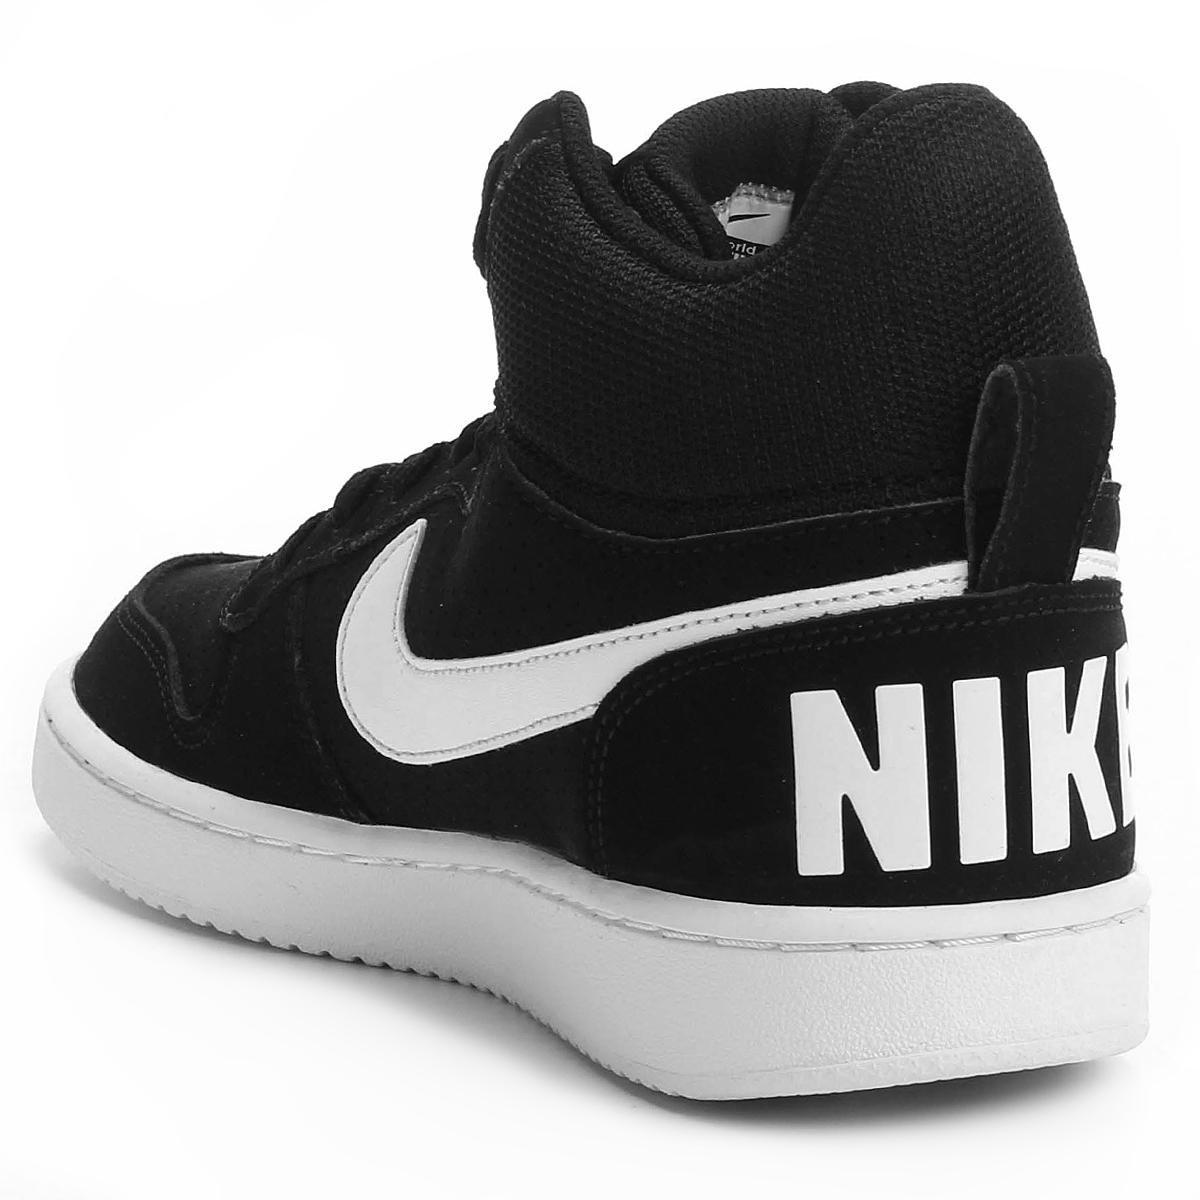 Tênis Couro Cano Alto Nike Recreation Mid Feminino - Preto e Branco ... 7a7dad0bc059e